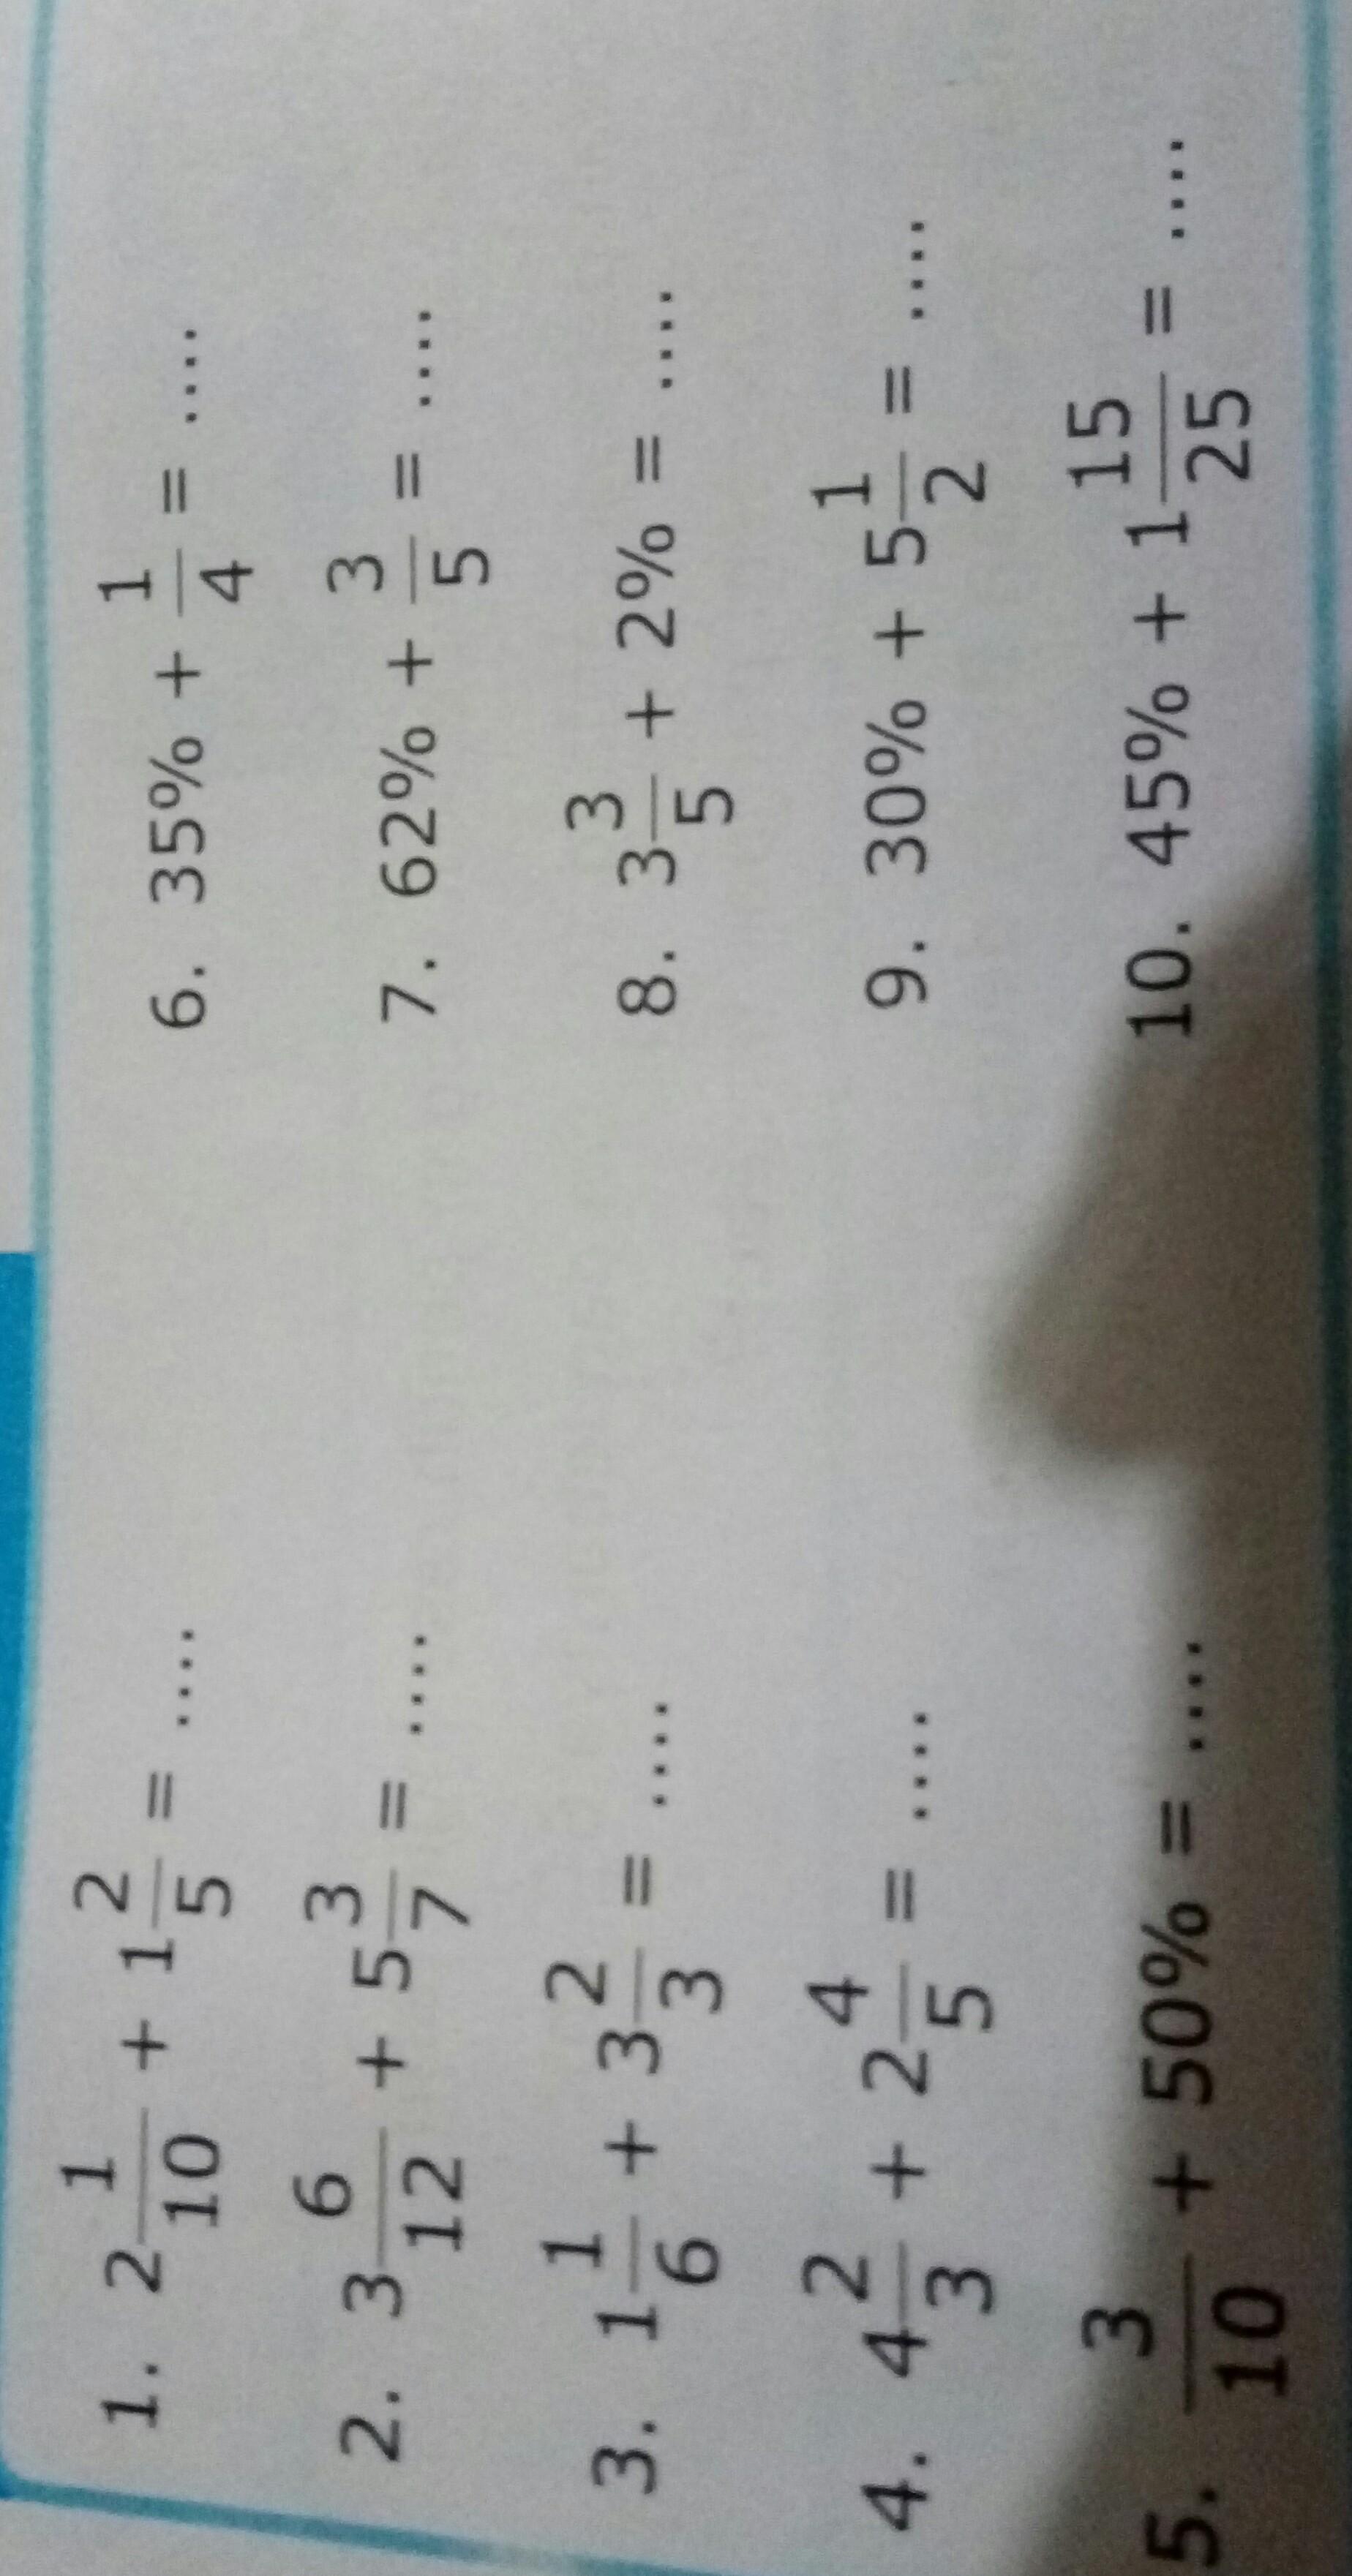 Soal matematika kelas 5 evaluasi diri 2. Evaluasi Diri 2 Pakai Cara Brainly Co Id